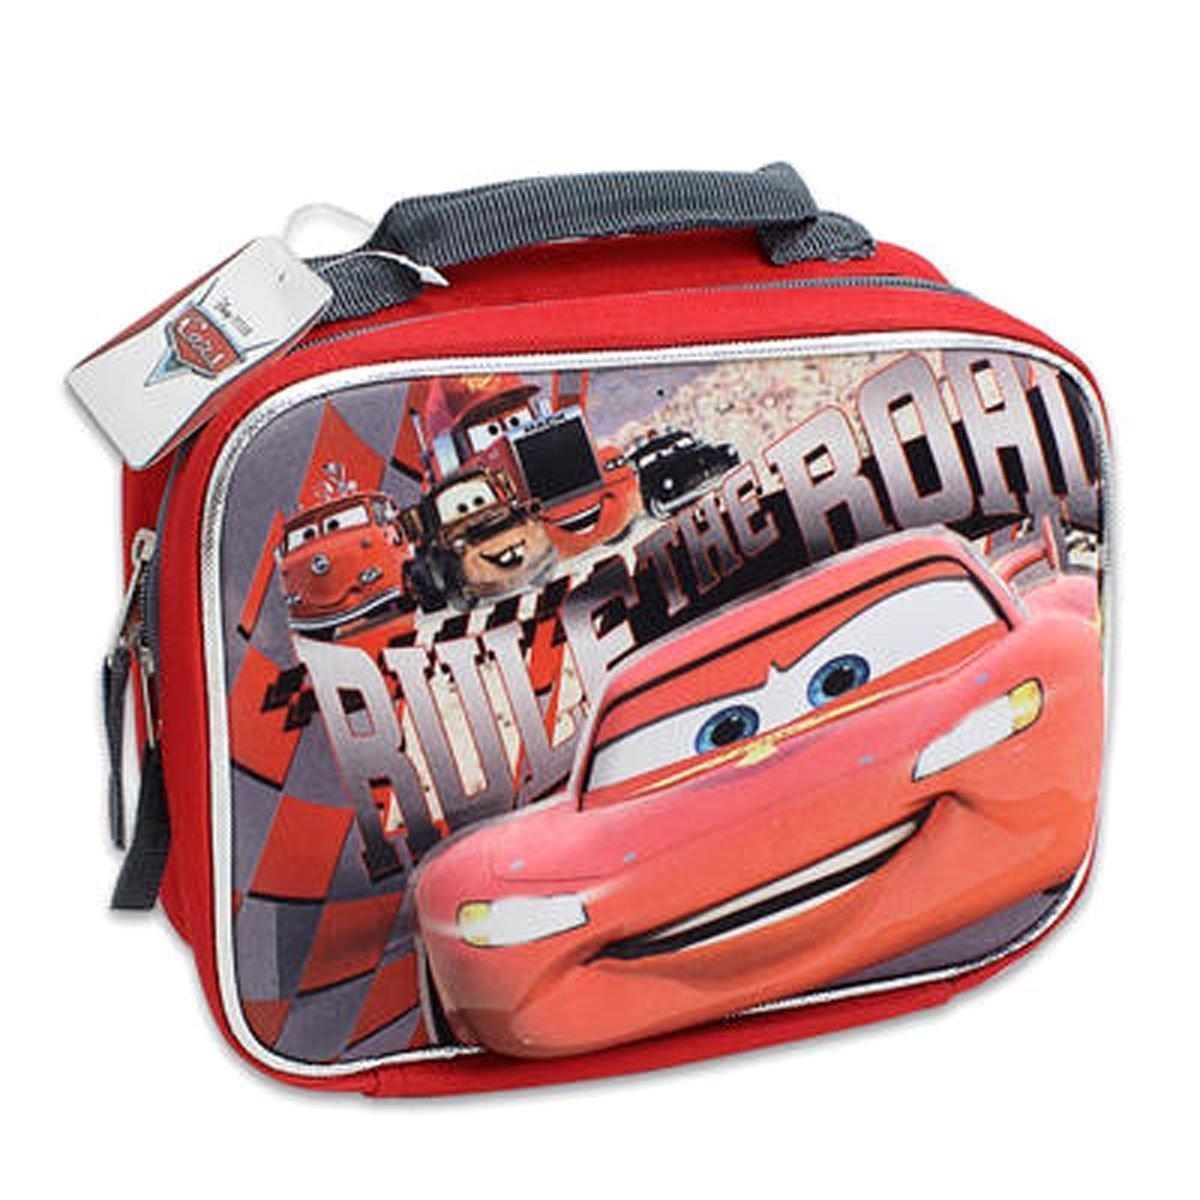 b04befc5a3f2 New Disney Cars Kids Boys Insulated School Lunch Bag Mcqueen 3d Pop up  Design